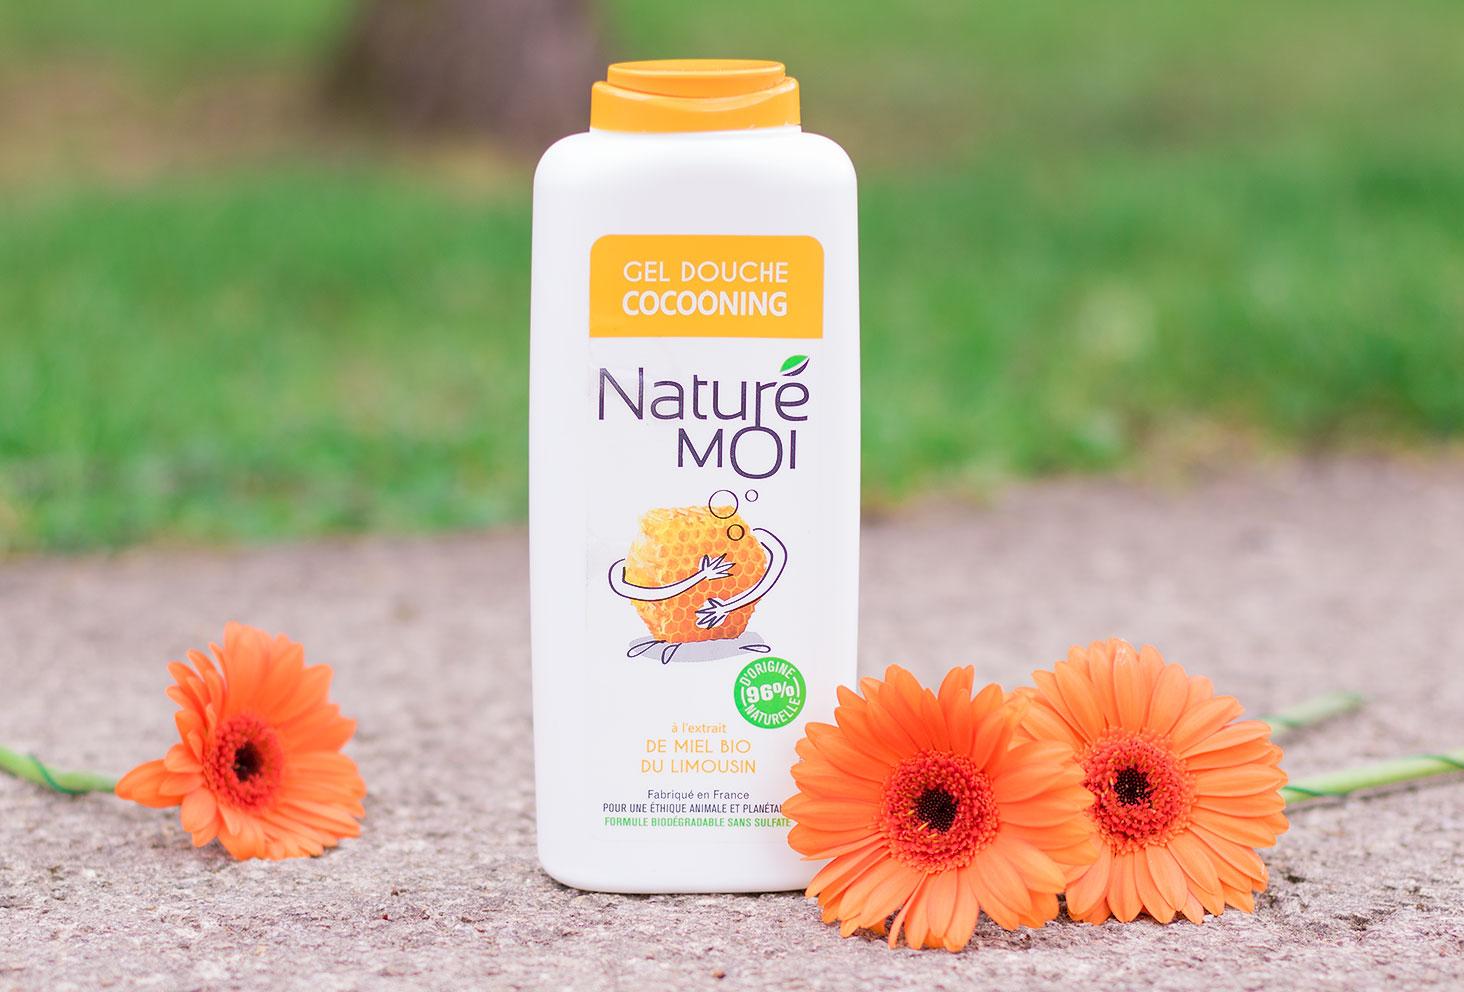 Le gel douche au miel bio du limousin Naturé Moi posé sur le sol au milieu des fleurs oranges